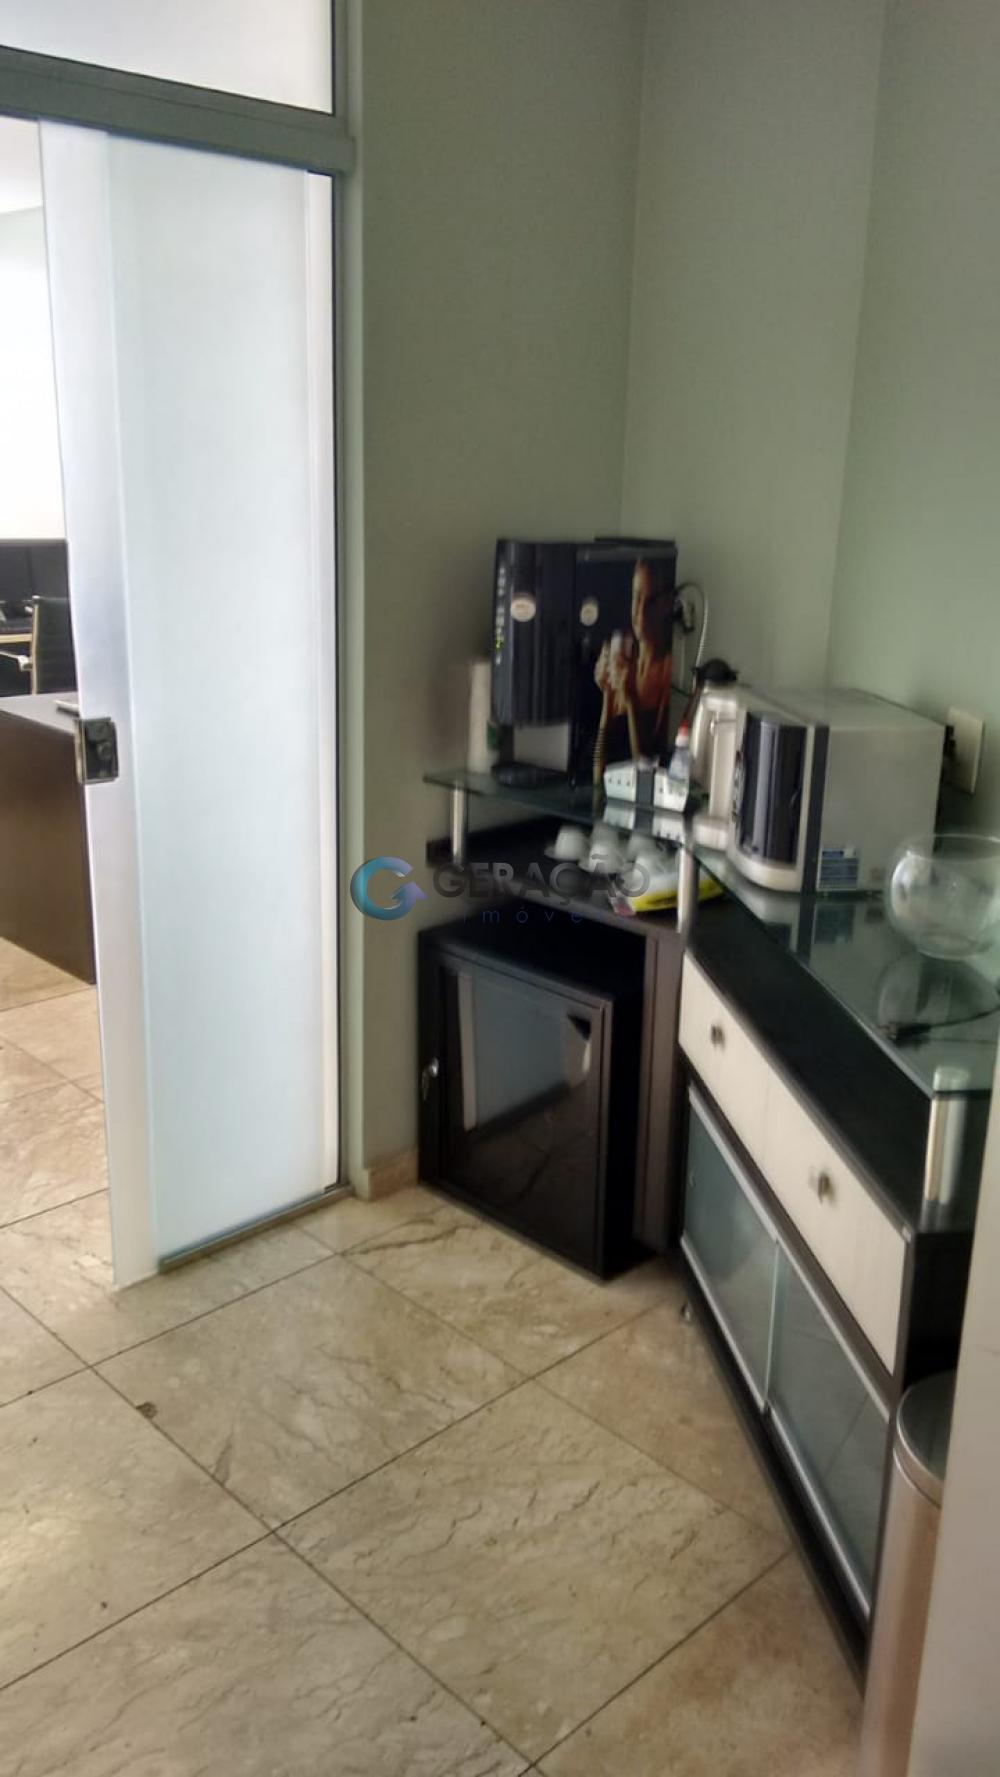 Alugar Comercial / Sala em Condomínio em São José dos Campos R$ 5.000,00 - Foto 2